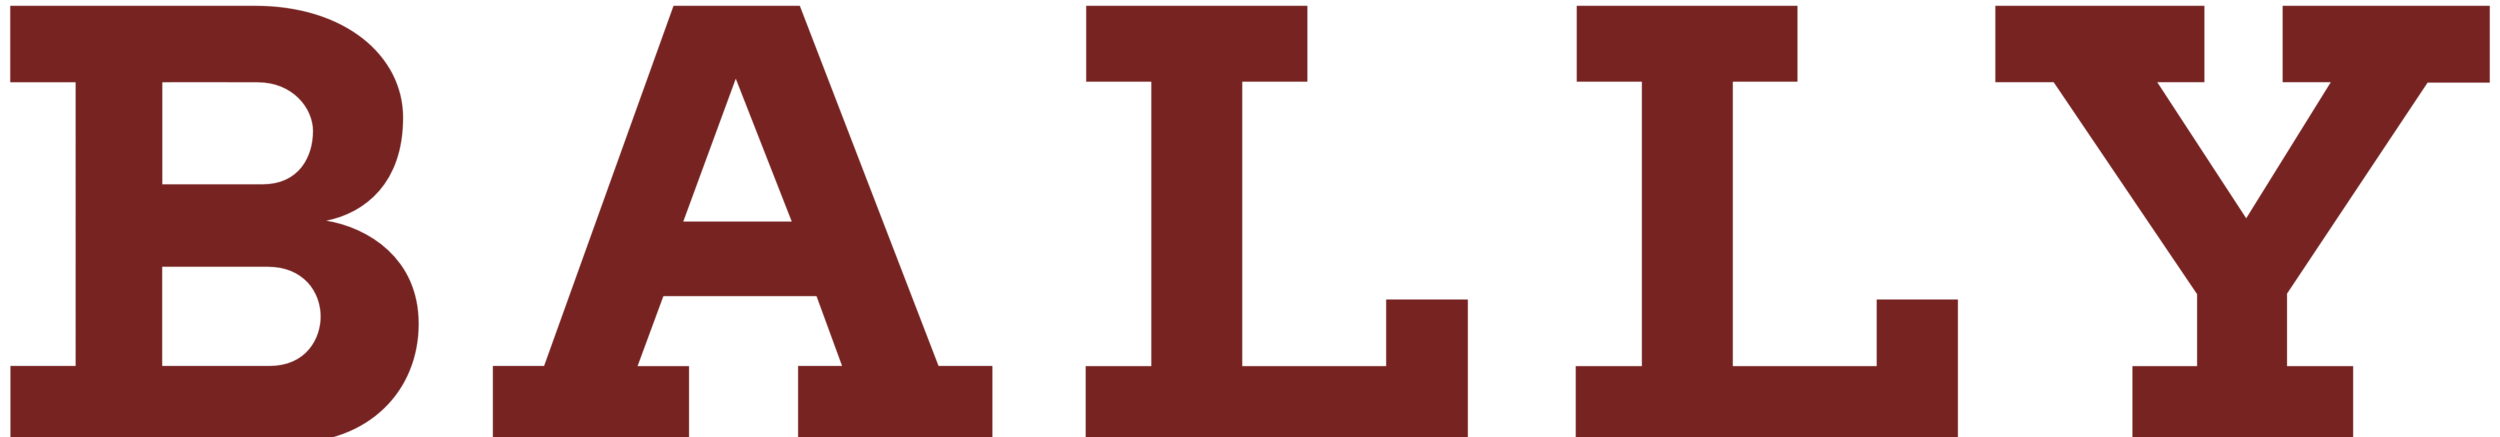 Bally_logo_logotype_textmark_Bally_Shoe.png